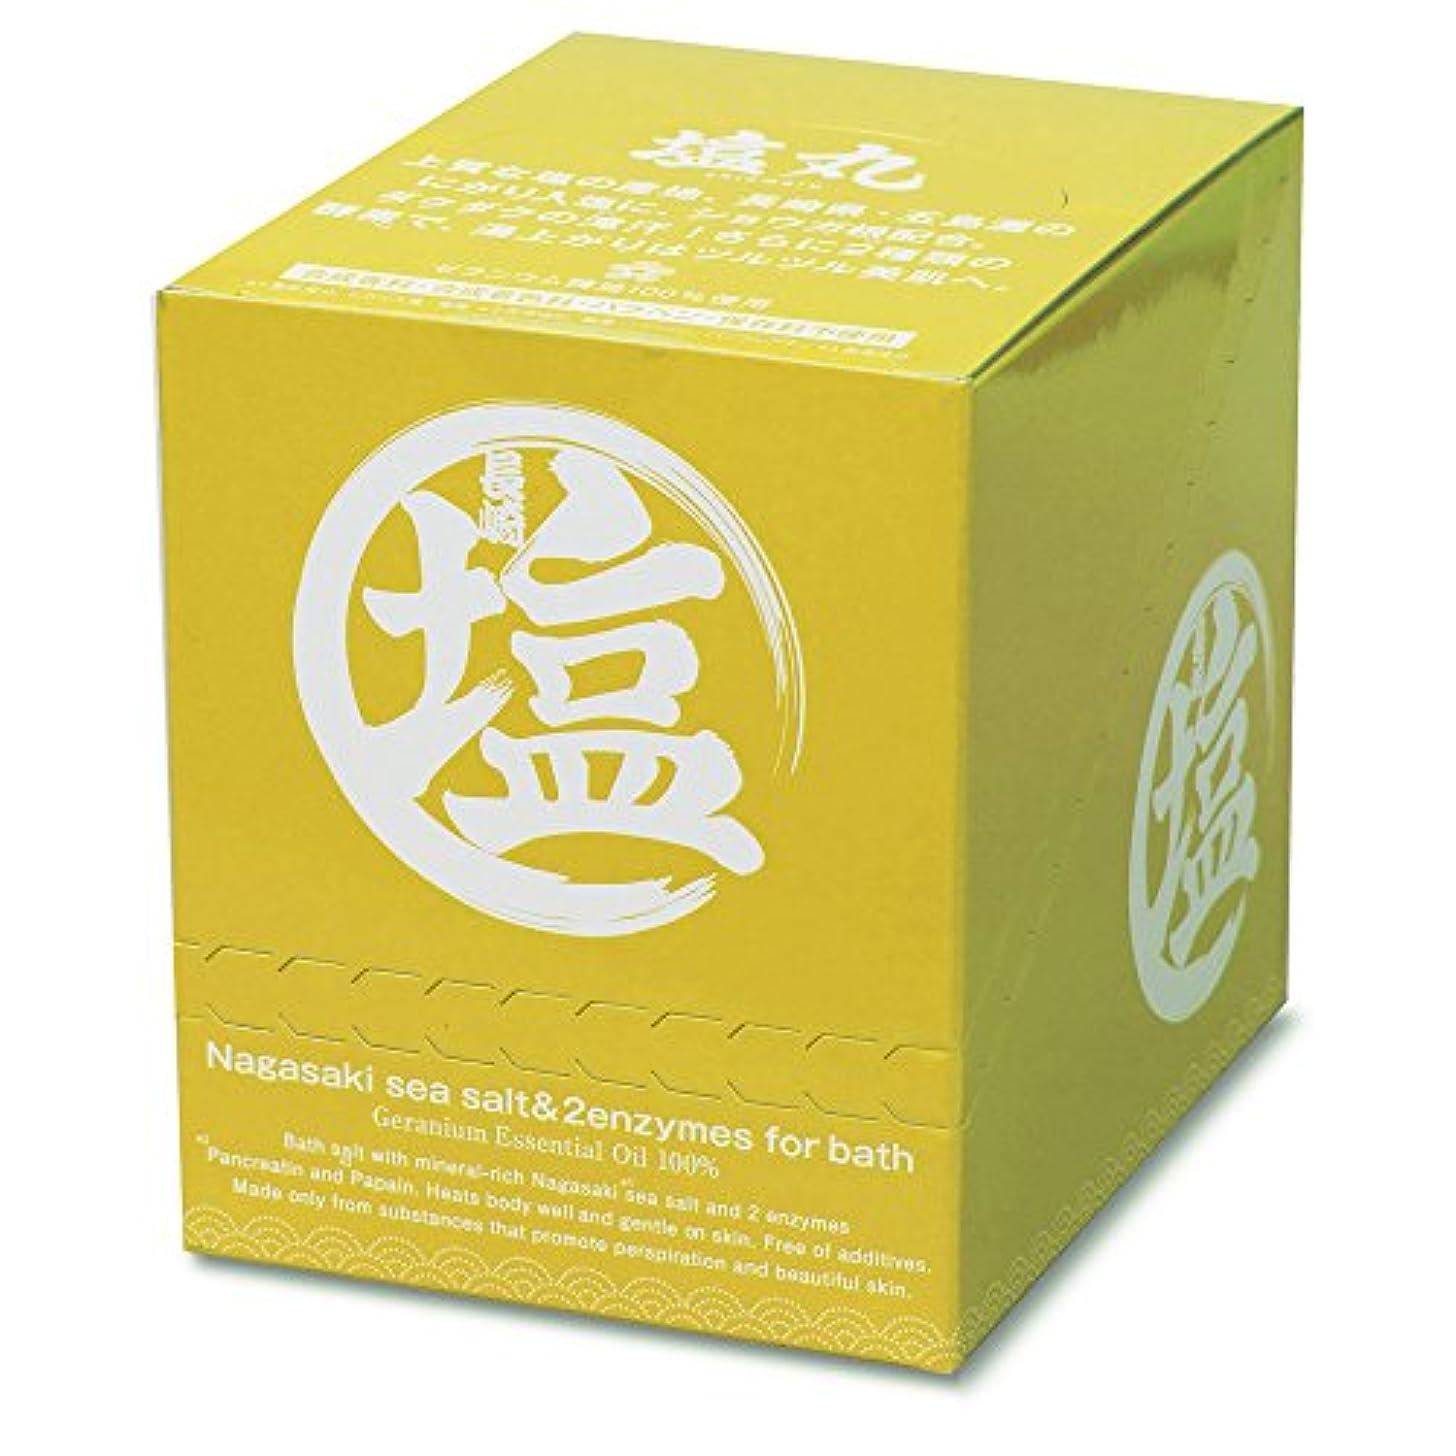 (塩丸)長崎産にがり入海塩入浴剤(40g×12包入)イランイラン精油/合成香料?合成着色料?保存料不使用